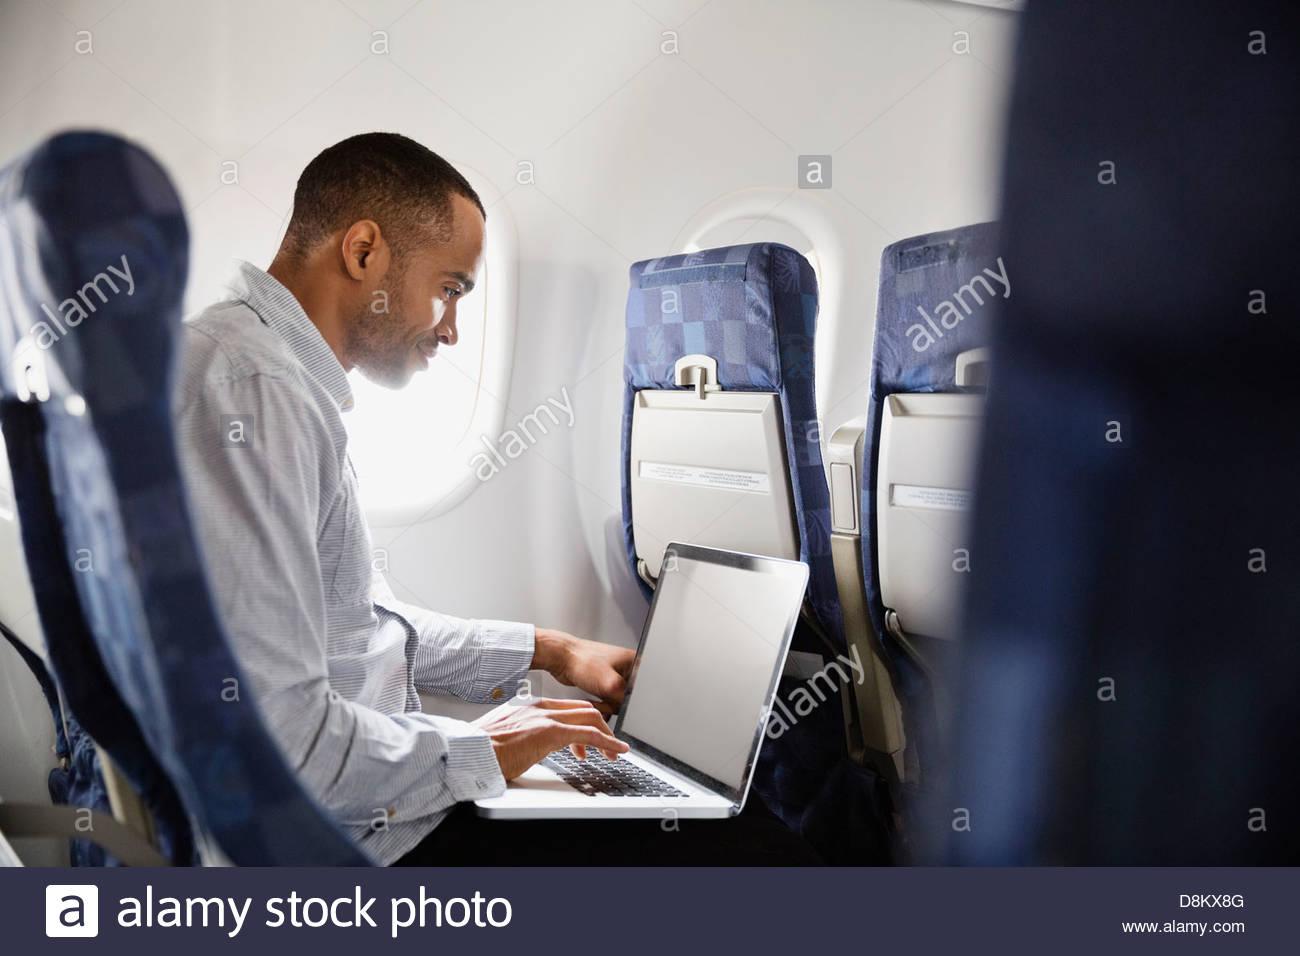 Man using laptop in airplane - Stock Image